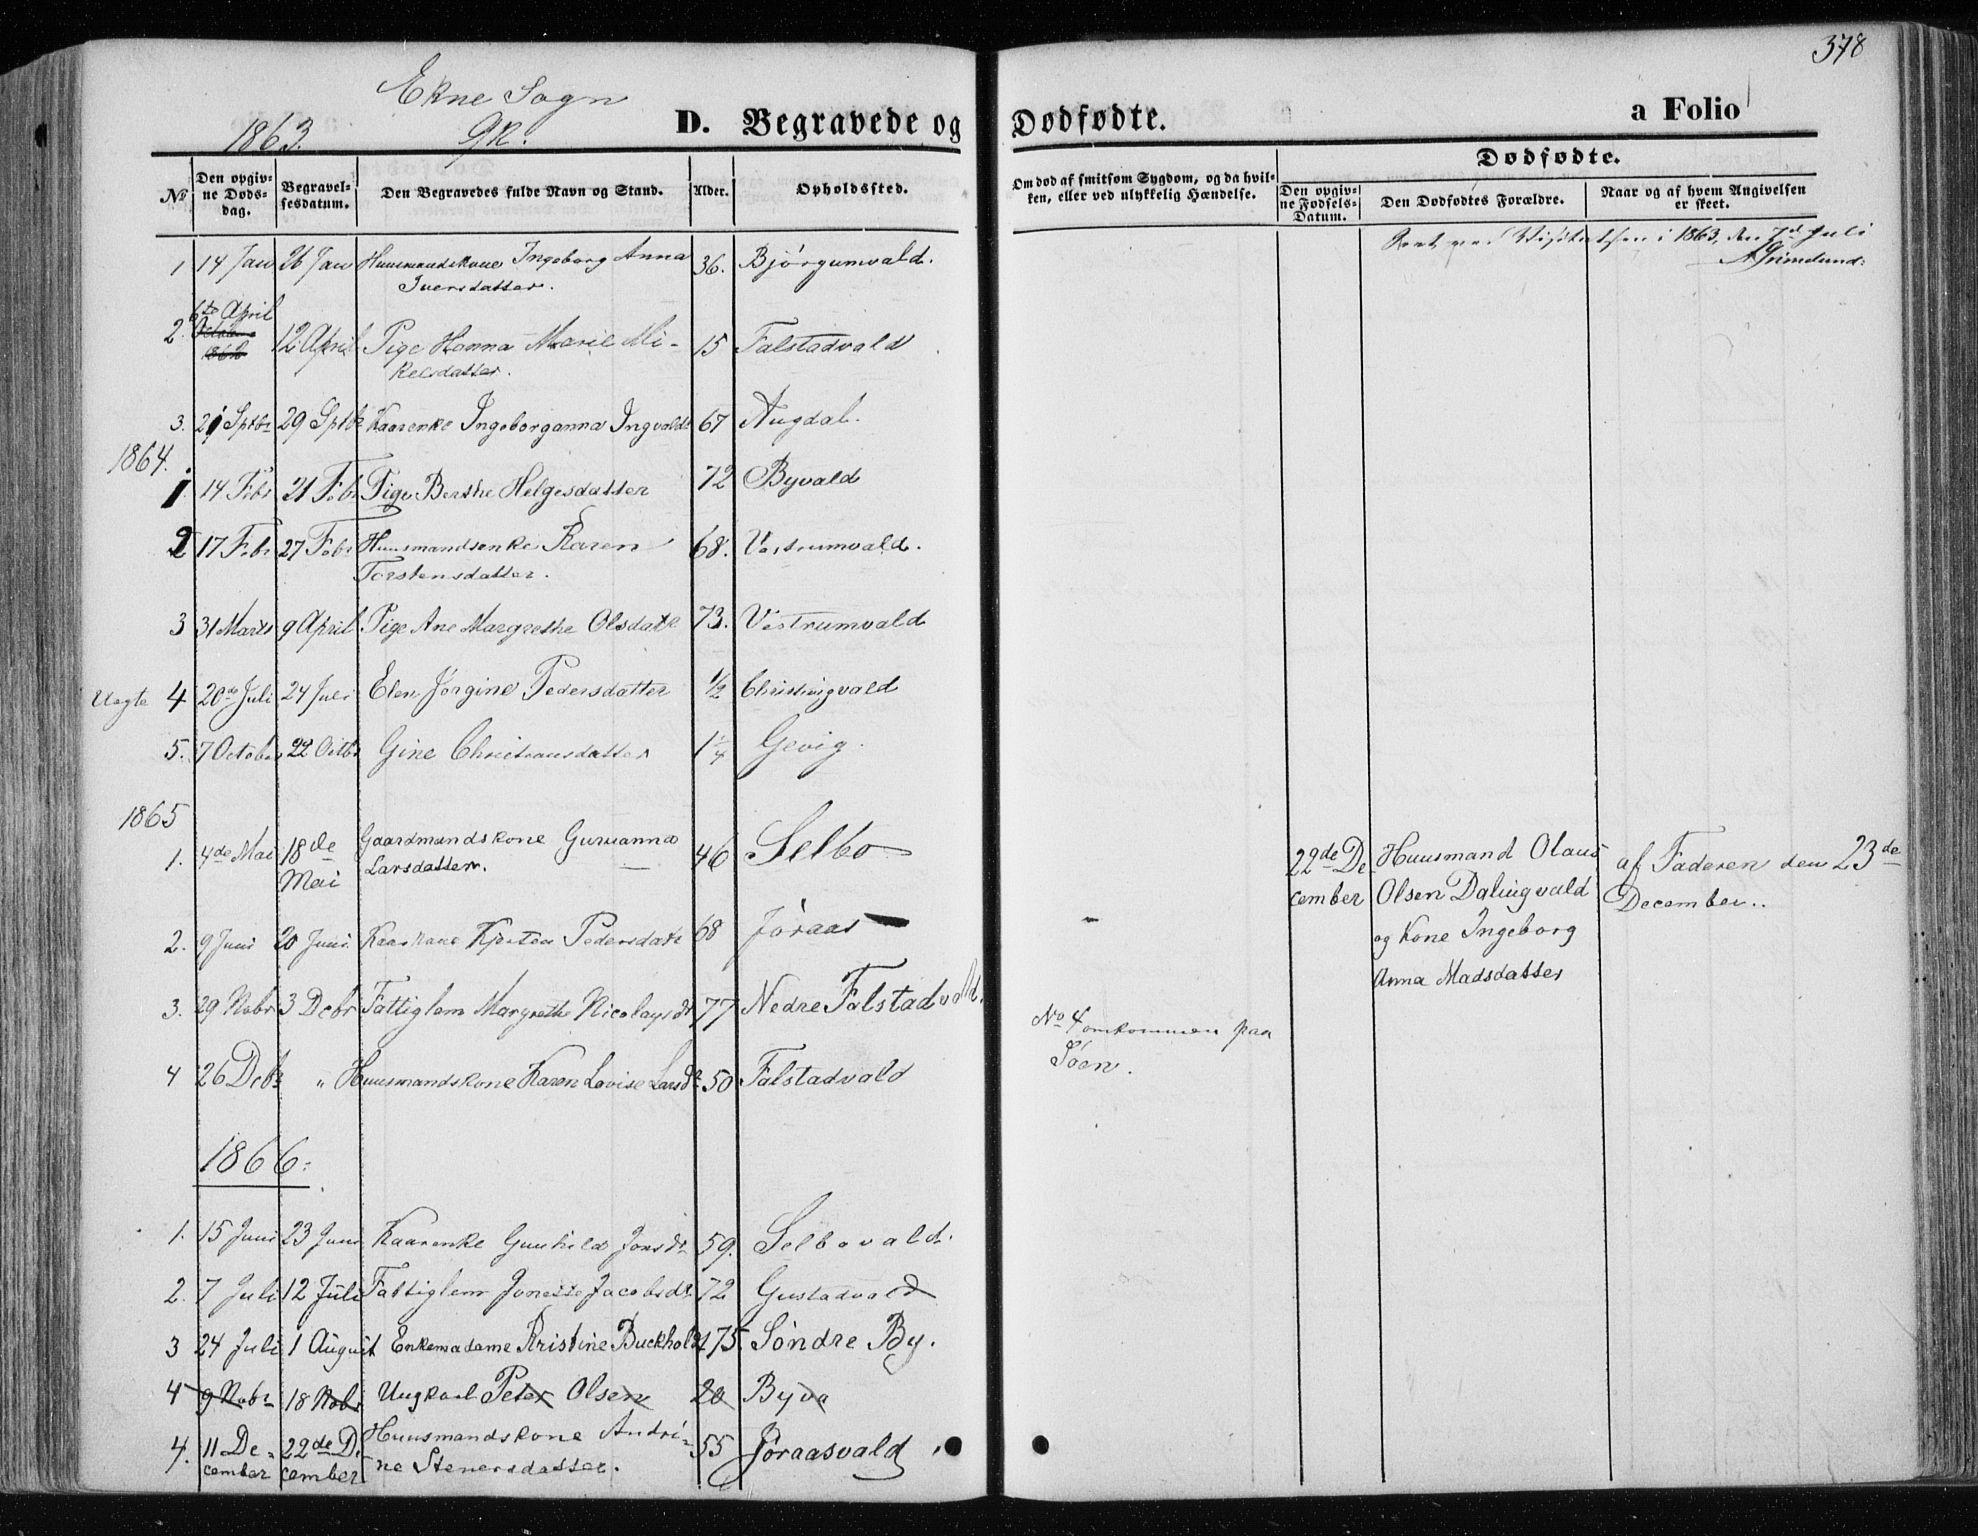 SAT, Ministerialprotokoller, klokkerbøker og fødselsregistre - Nord-Trøndelag, 717/L0158: Ministerialbok nr. 717A08 /2, 1863-1877, s. 378